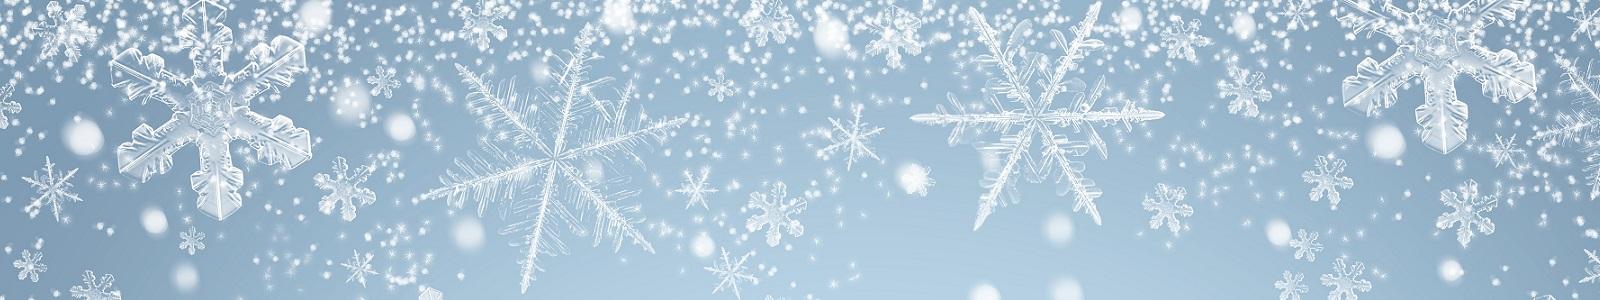 Wir wünschen eine schöne Weihnachtszeit!